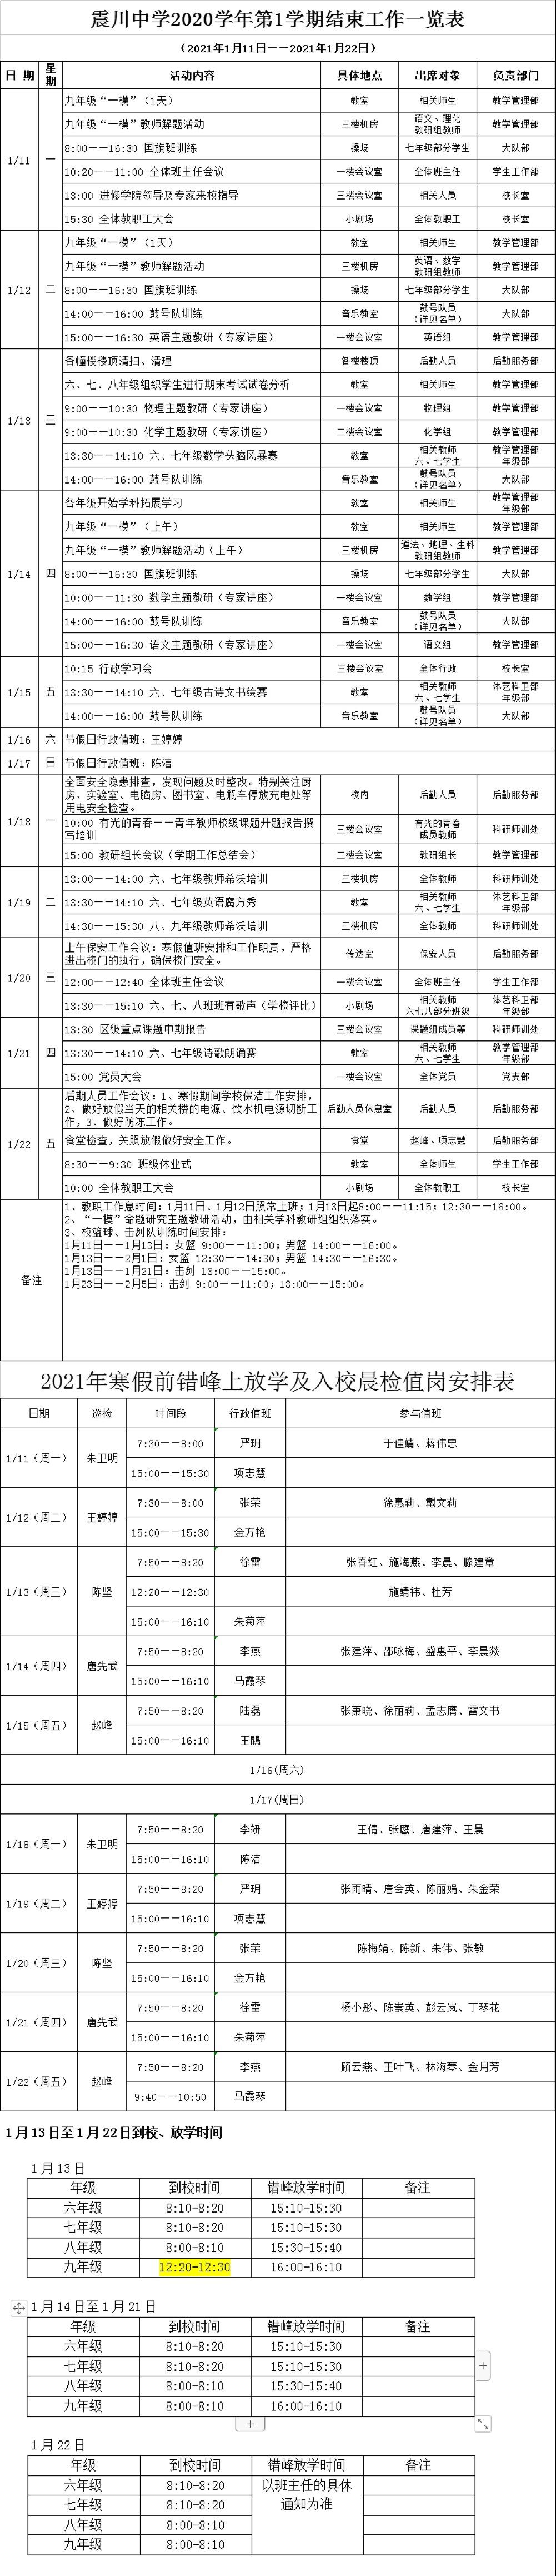 学期末一览表.JPG